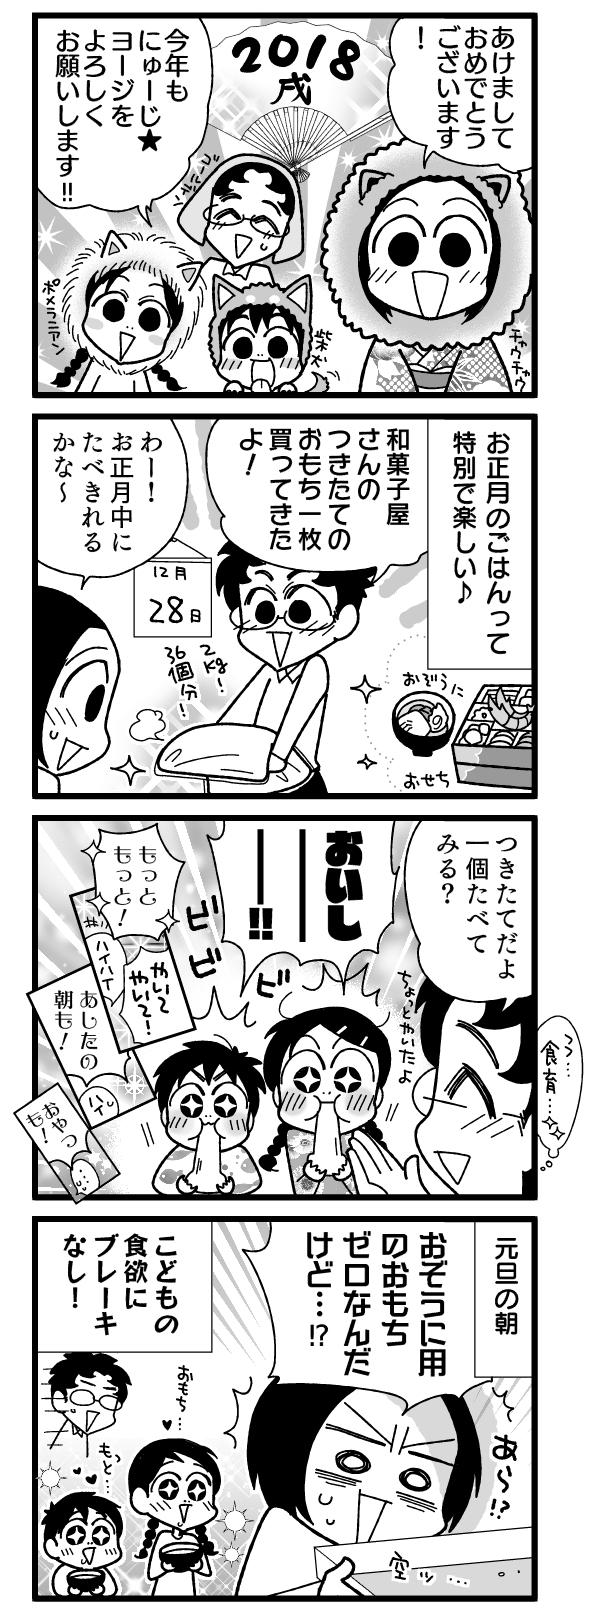 漫画『怒涛のにゅーじヨージ』Vol.187「謹賀新年!2018★」 1コマ目